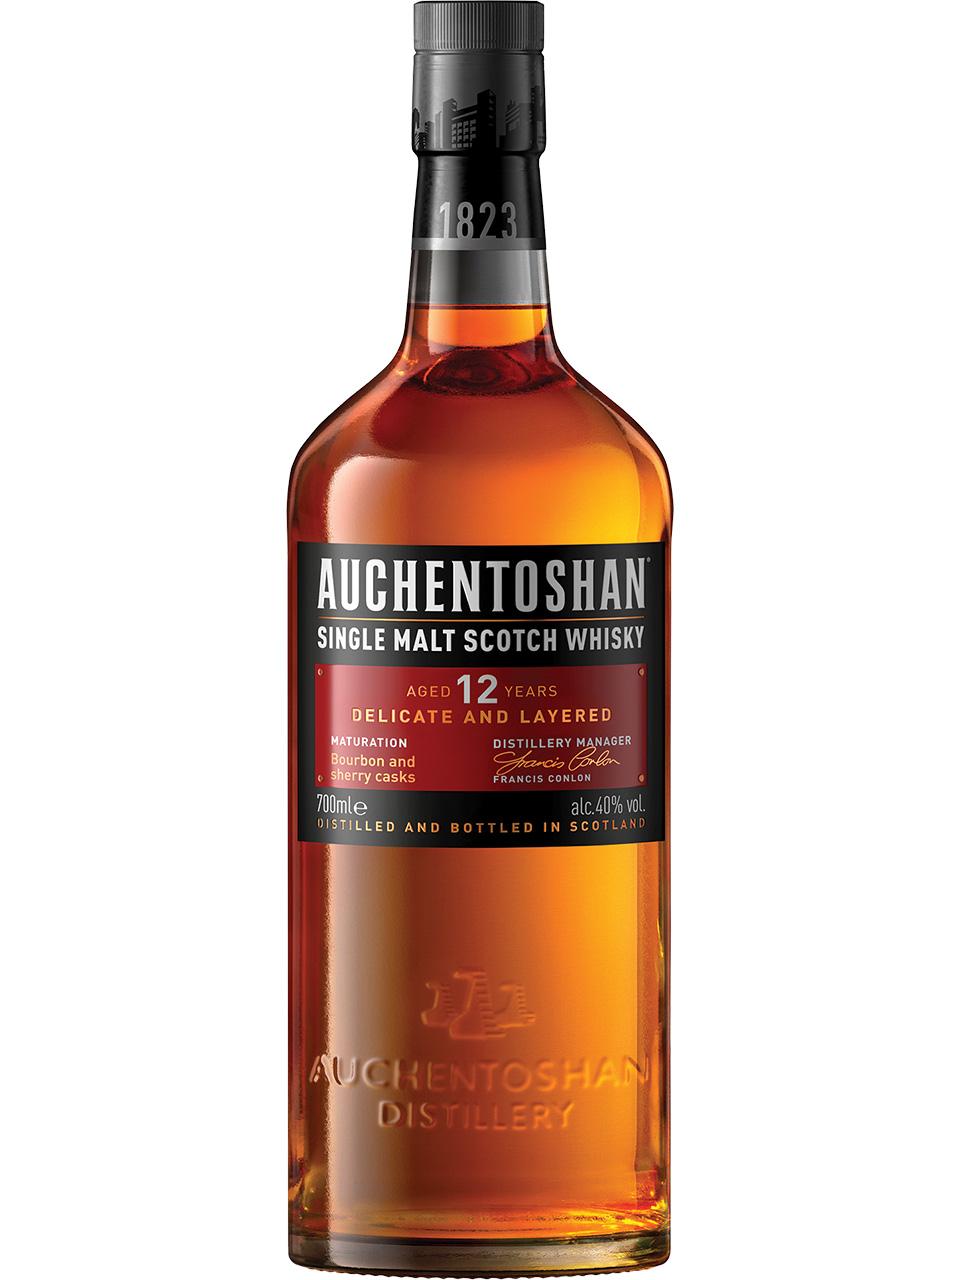 Auchentoshan 12YO Single Malt Scotch Whisky